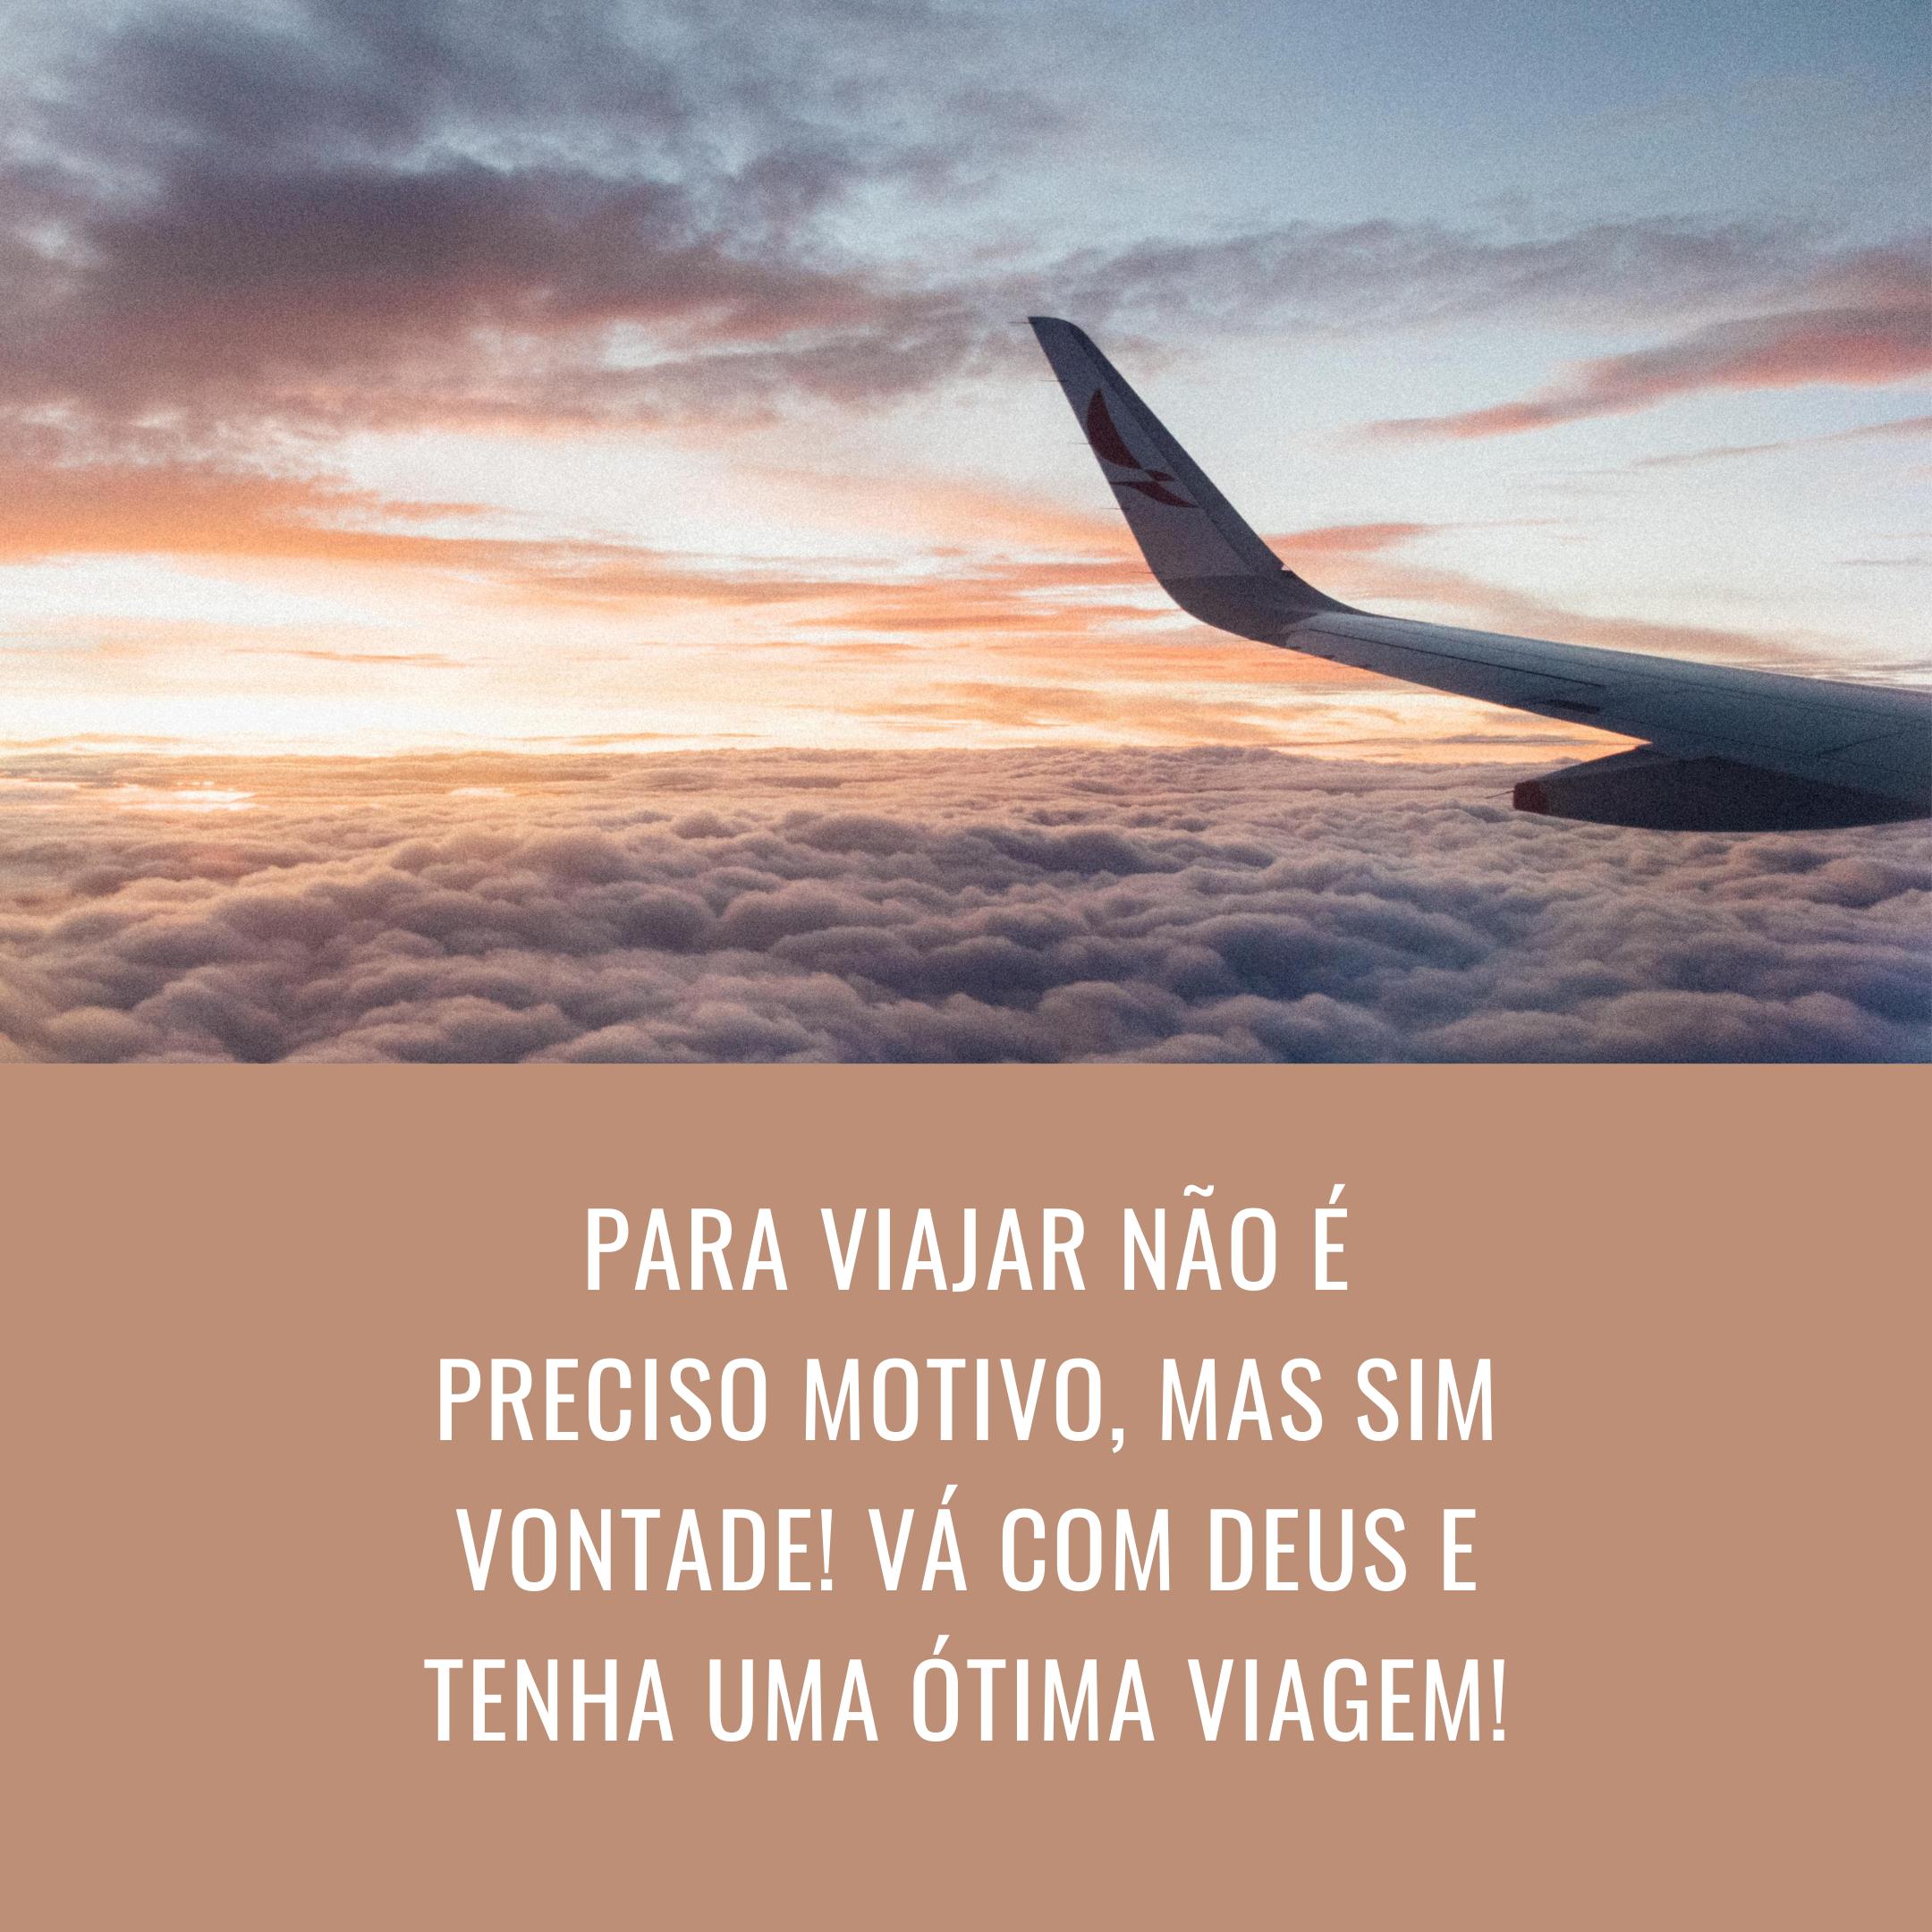 Para viajar não é preciso motivo, mas sim vontade! Vá com Deus e tenha uma ótima viagem!